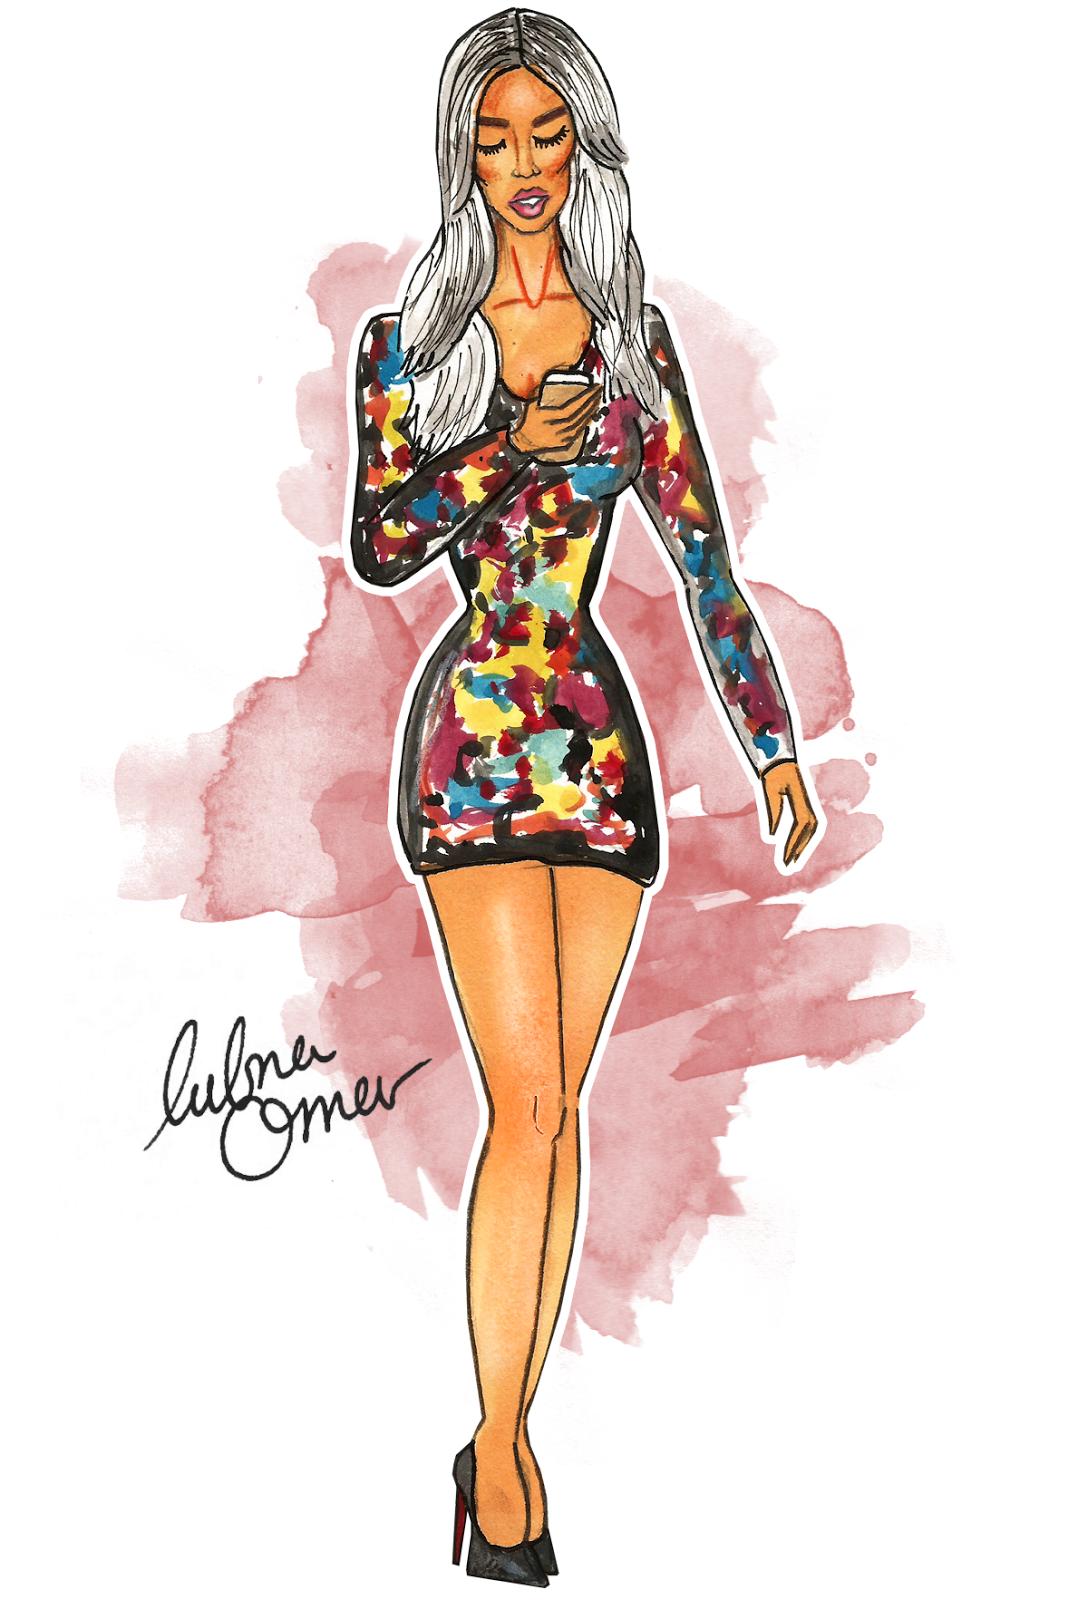 Maya Diab illustration by Lubna Omar